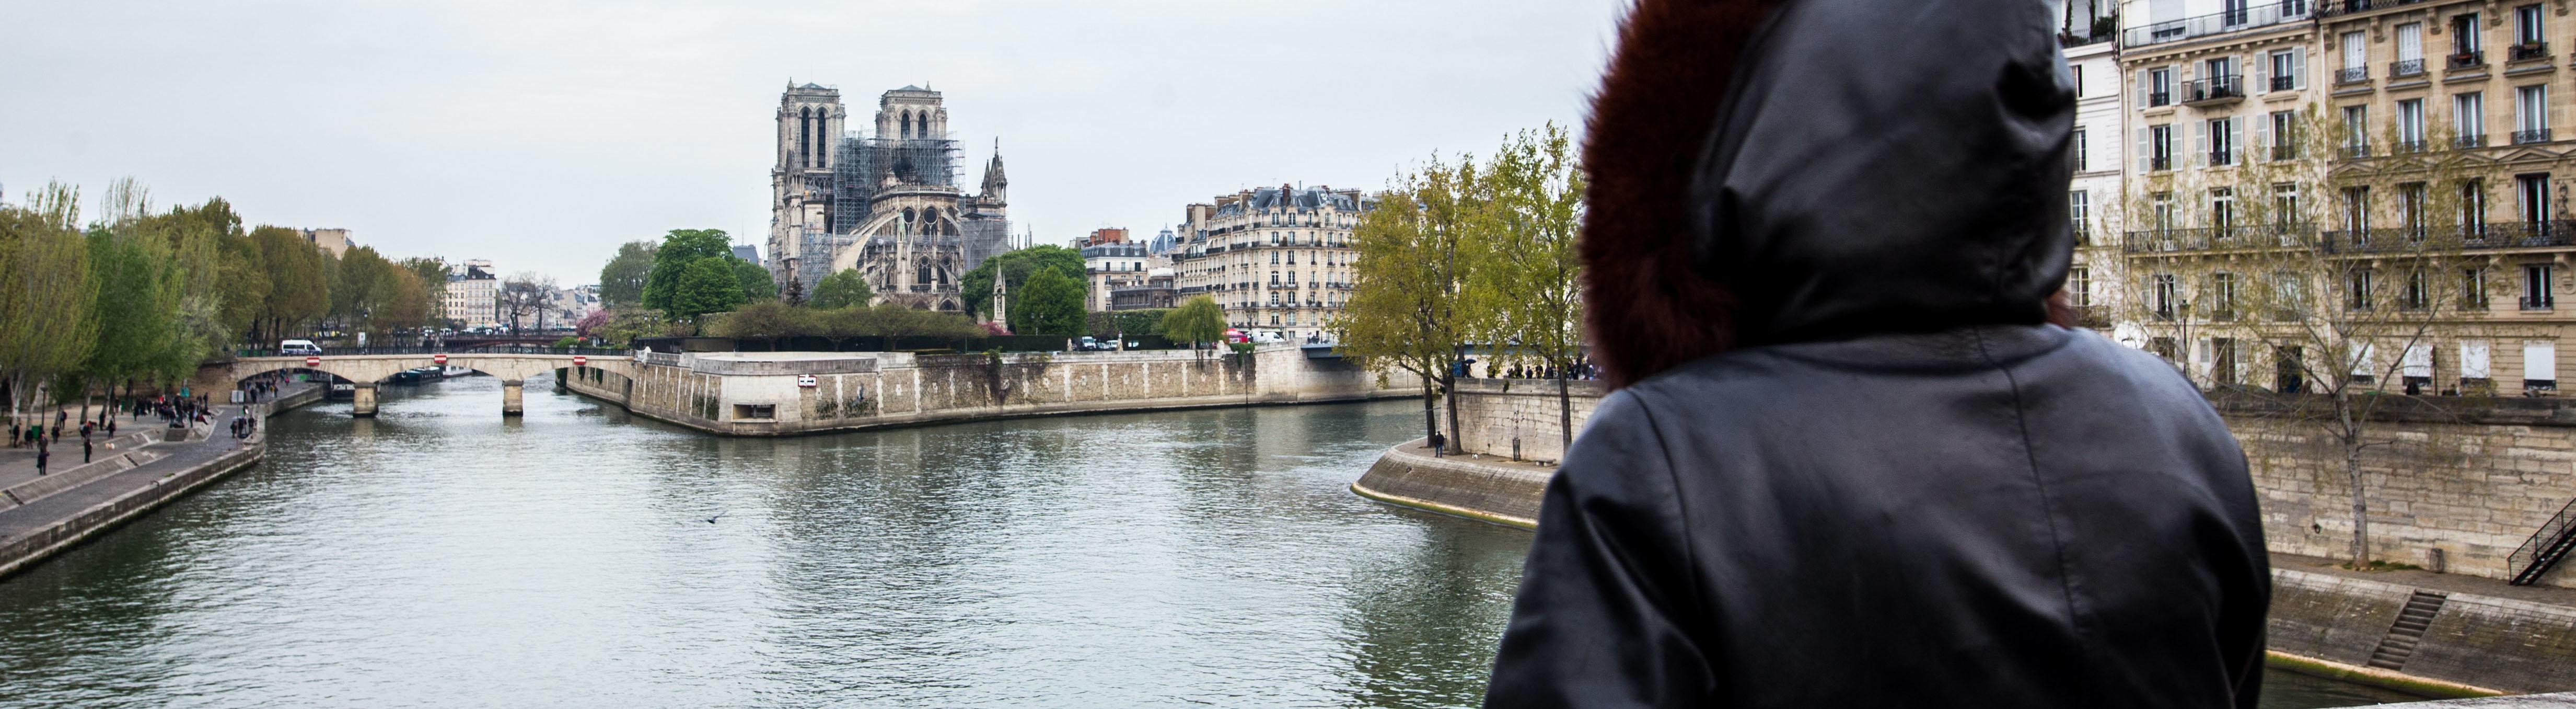 Blick auf Notre-Dame